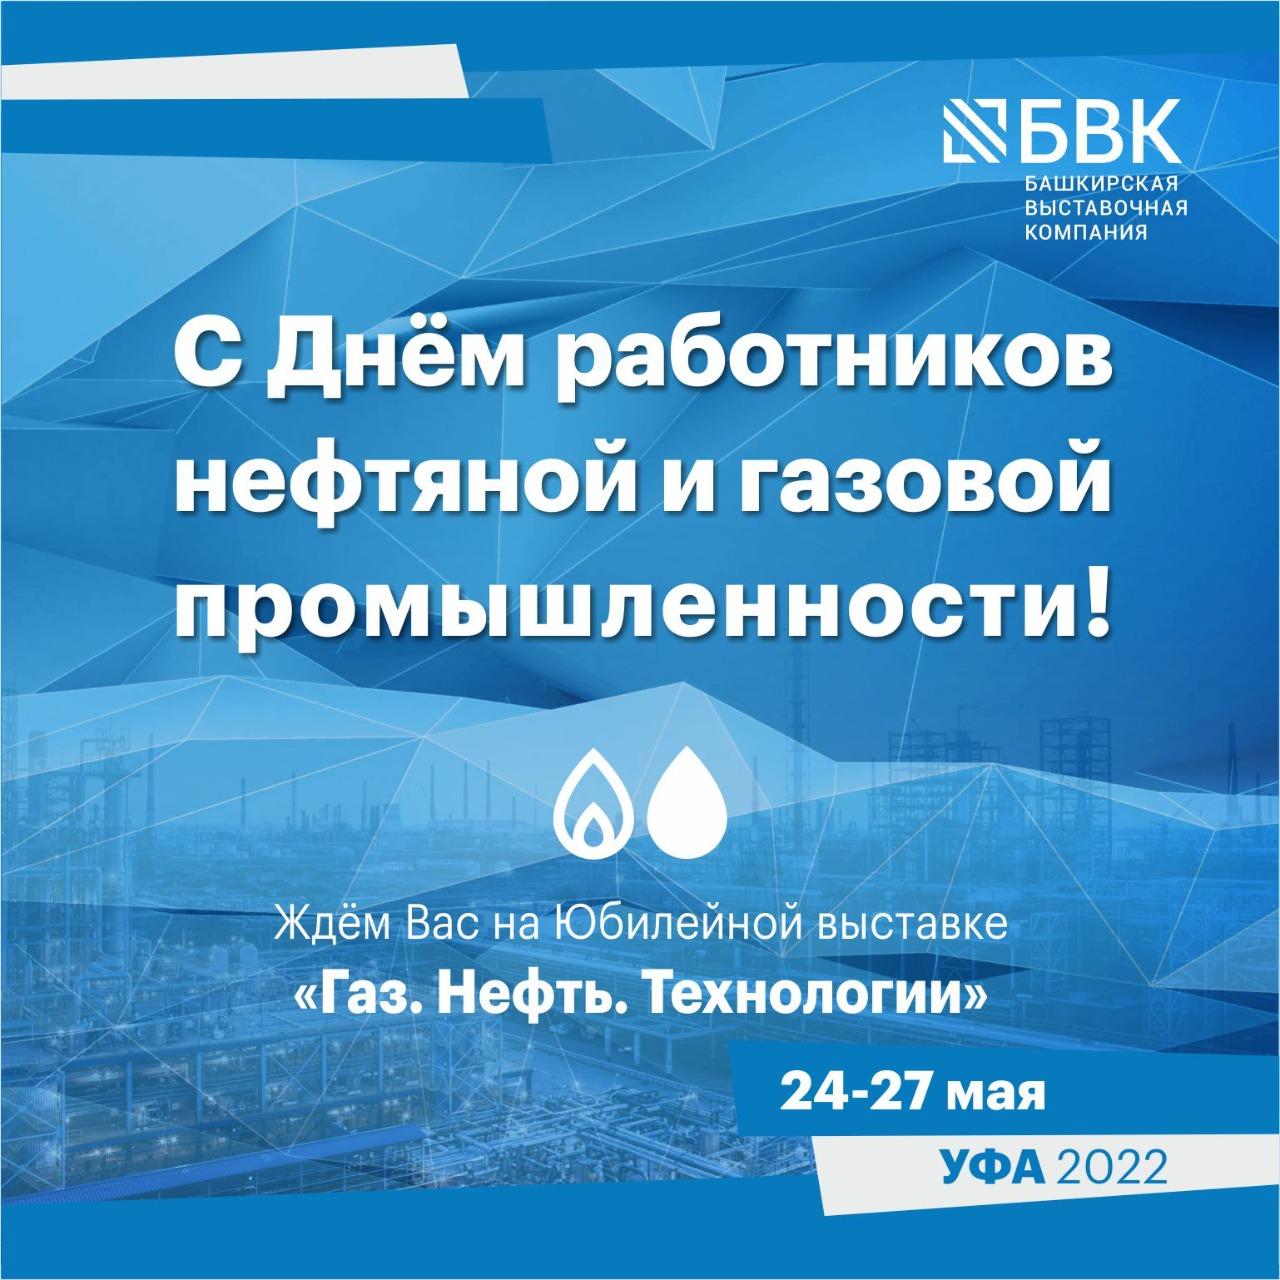 Поздравляем с Днем работников нефтяной, газовой и топливной промышленности!